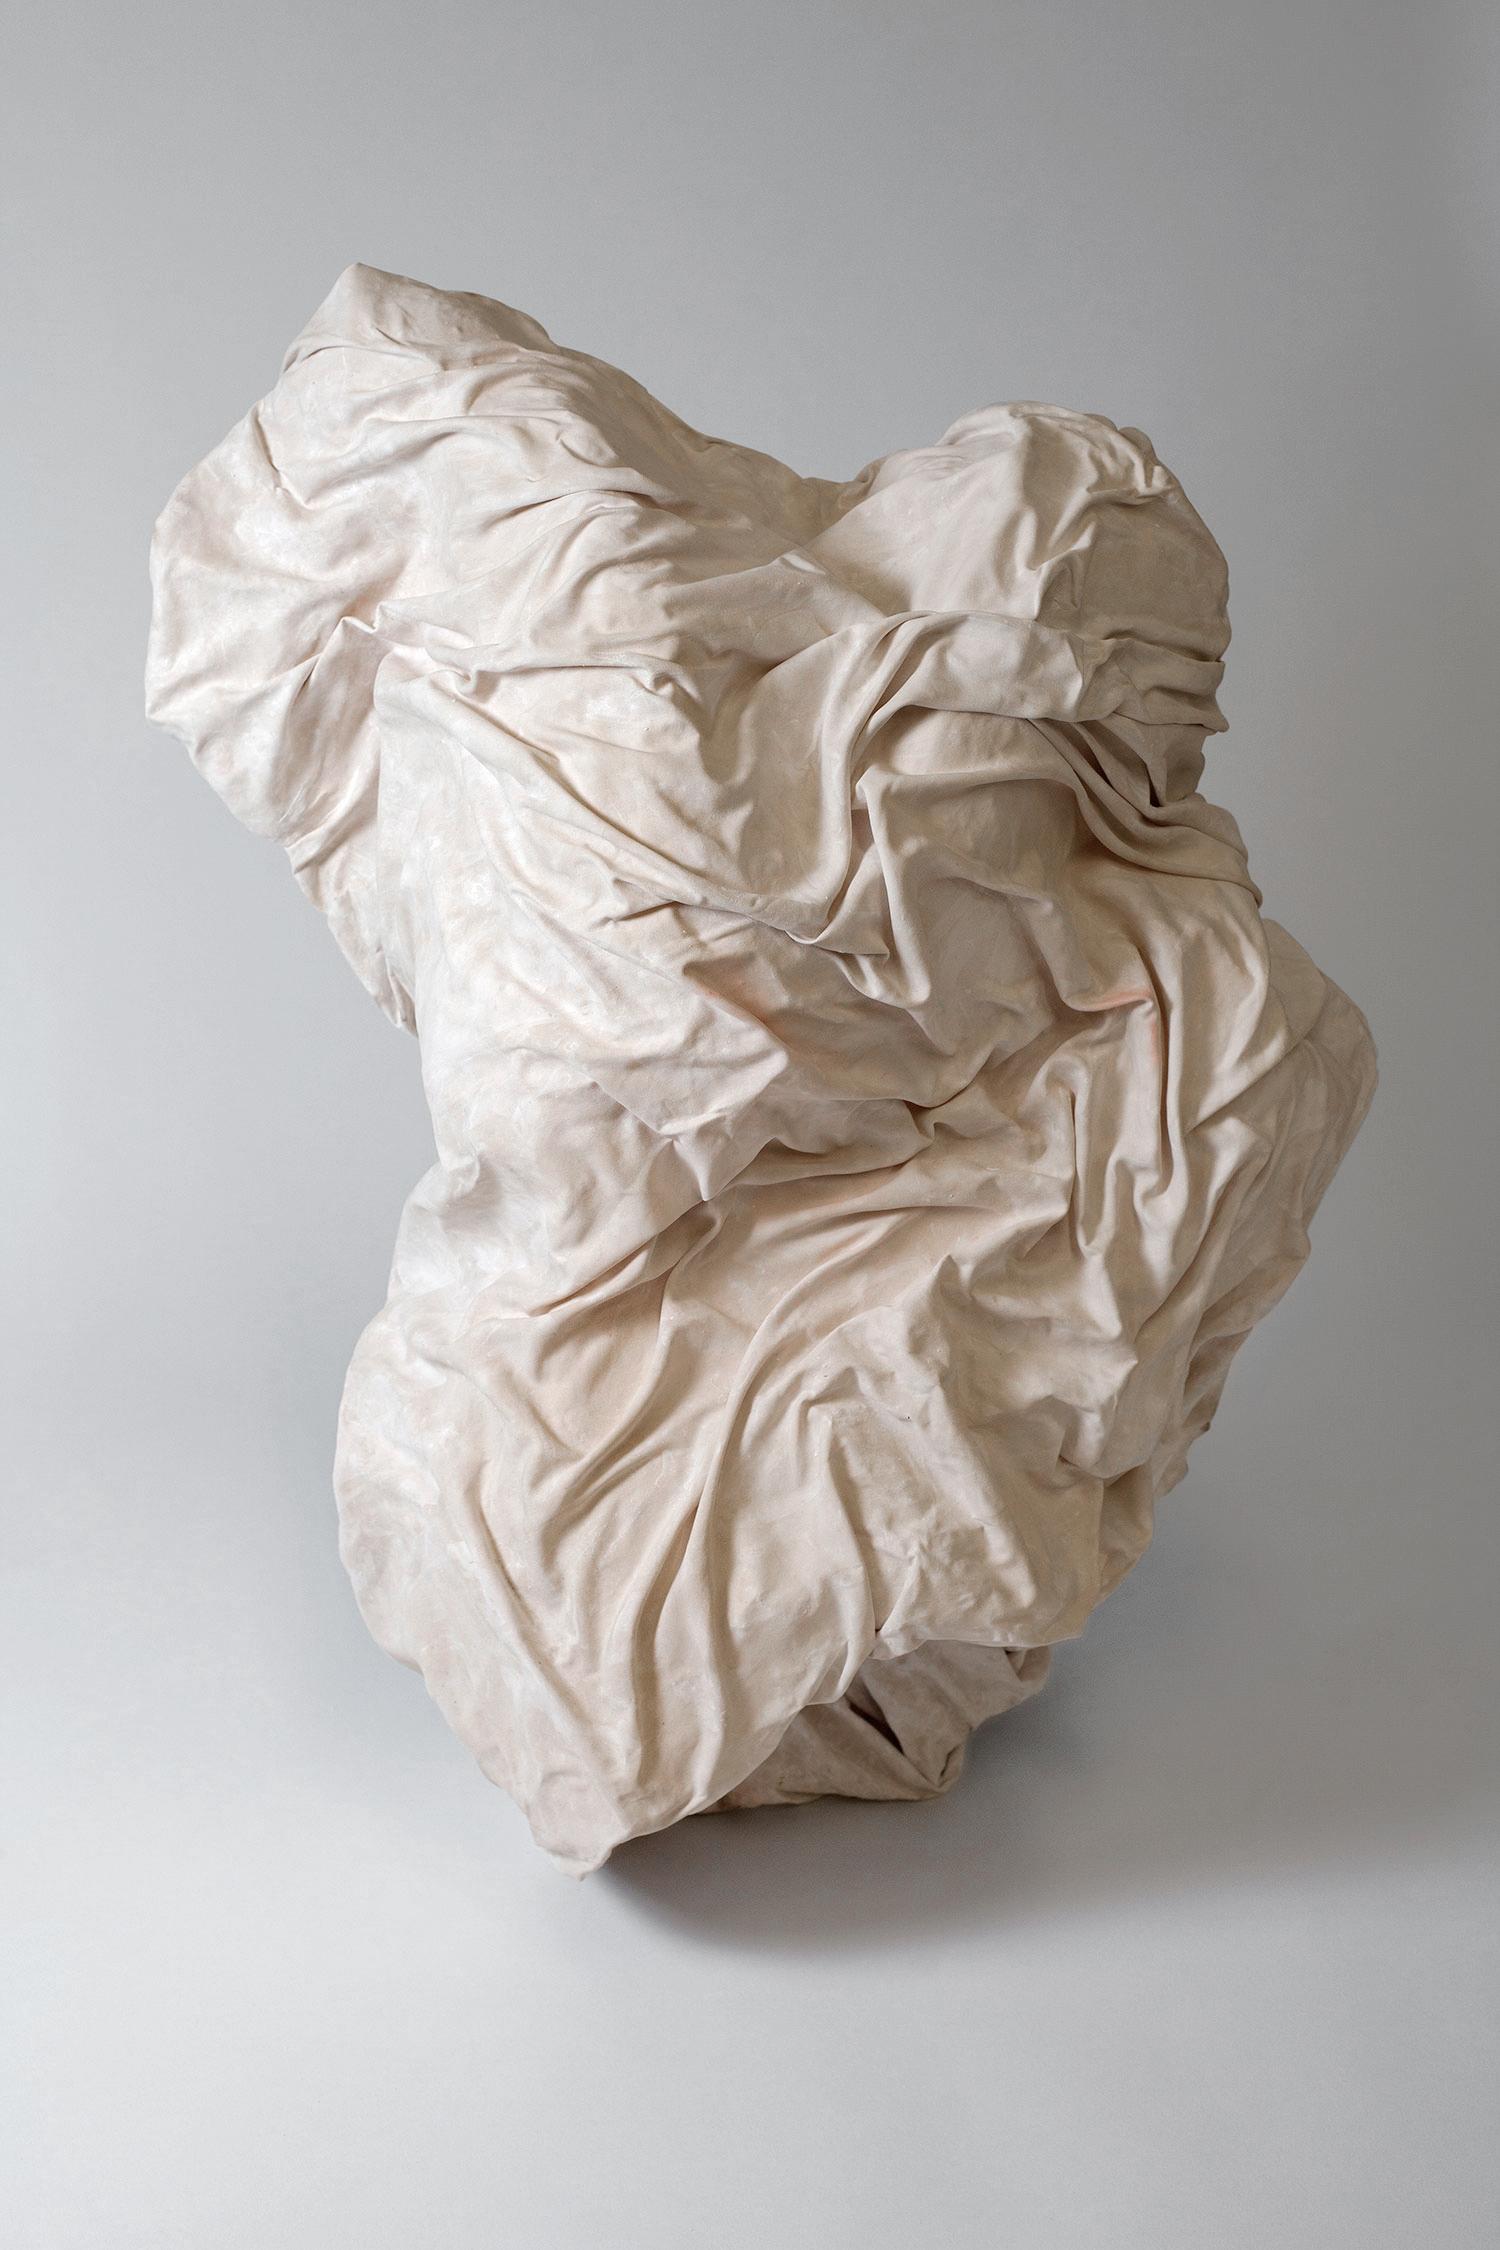 Kelsey McGruer, Full Of Praise For The Statuary of The Greeks, Sculpture, Plaster, 2016